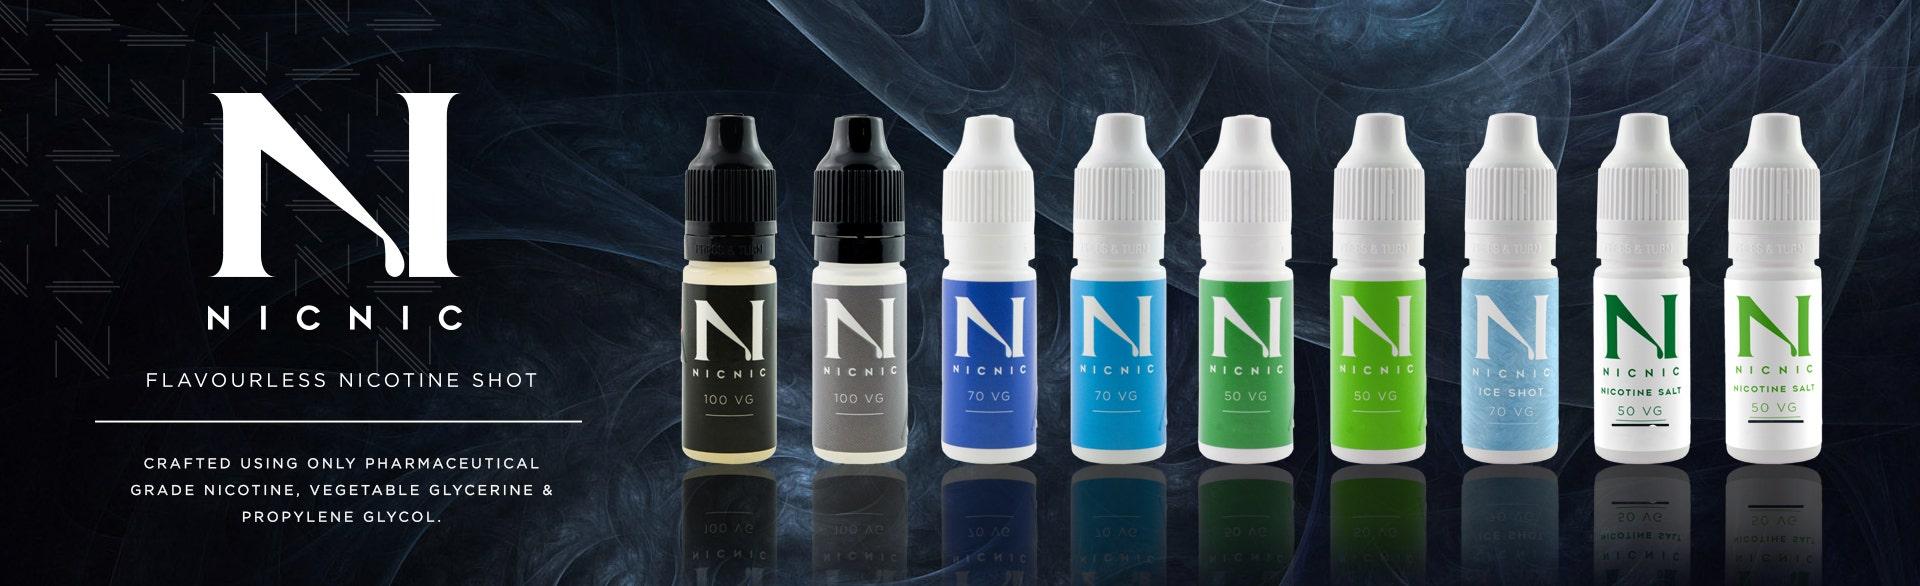 Nicotine Shots